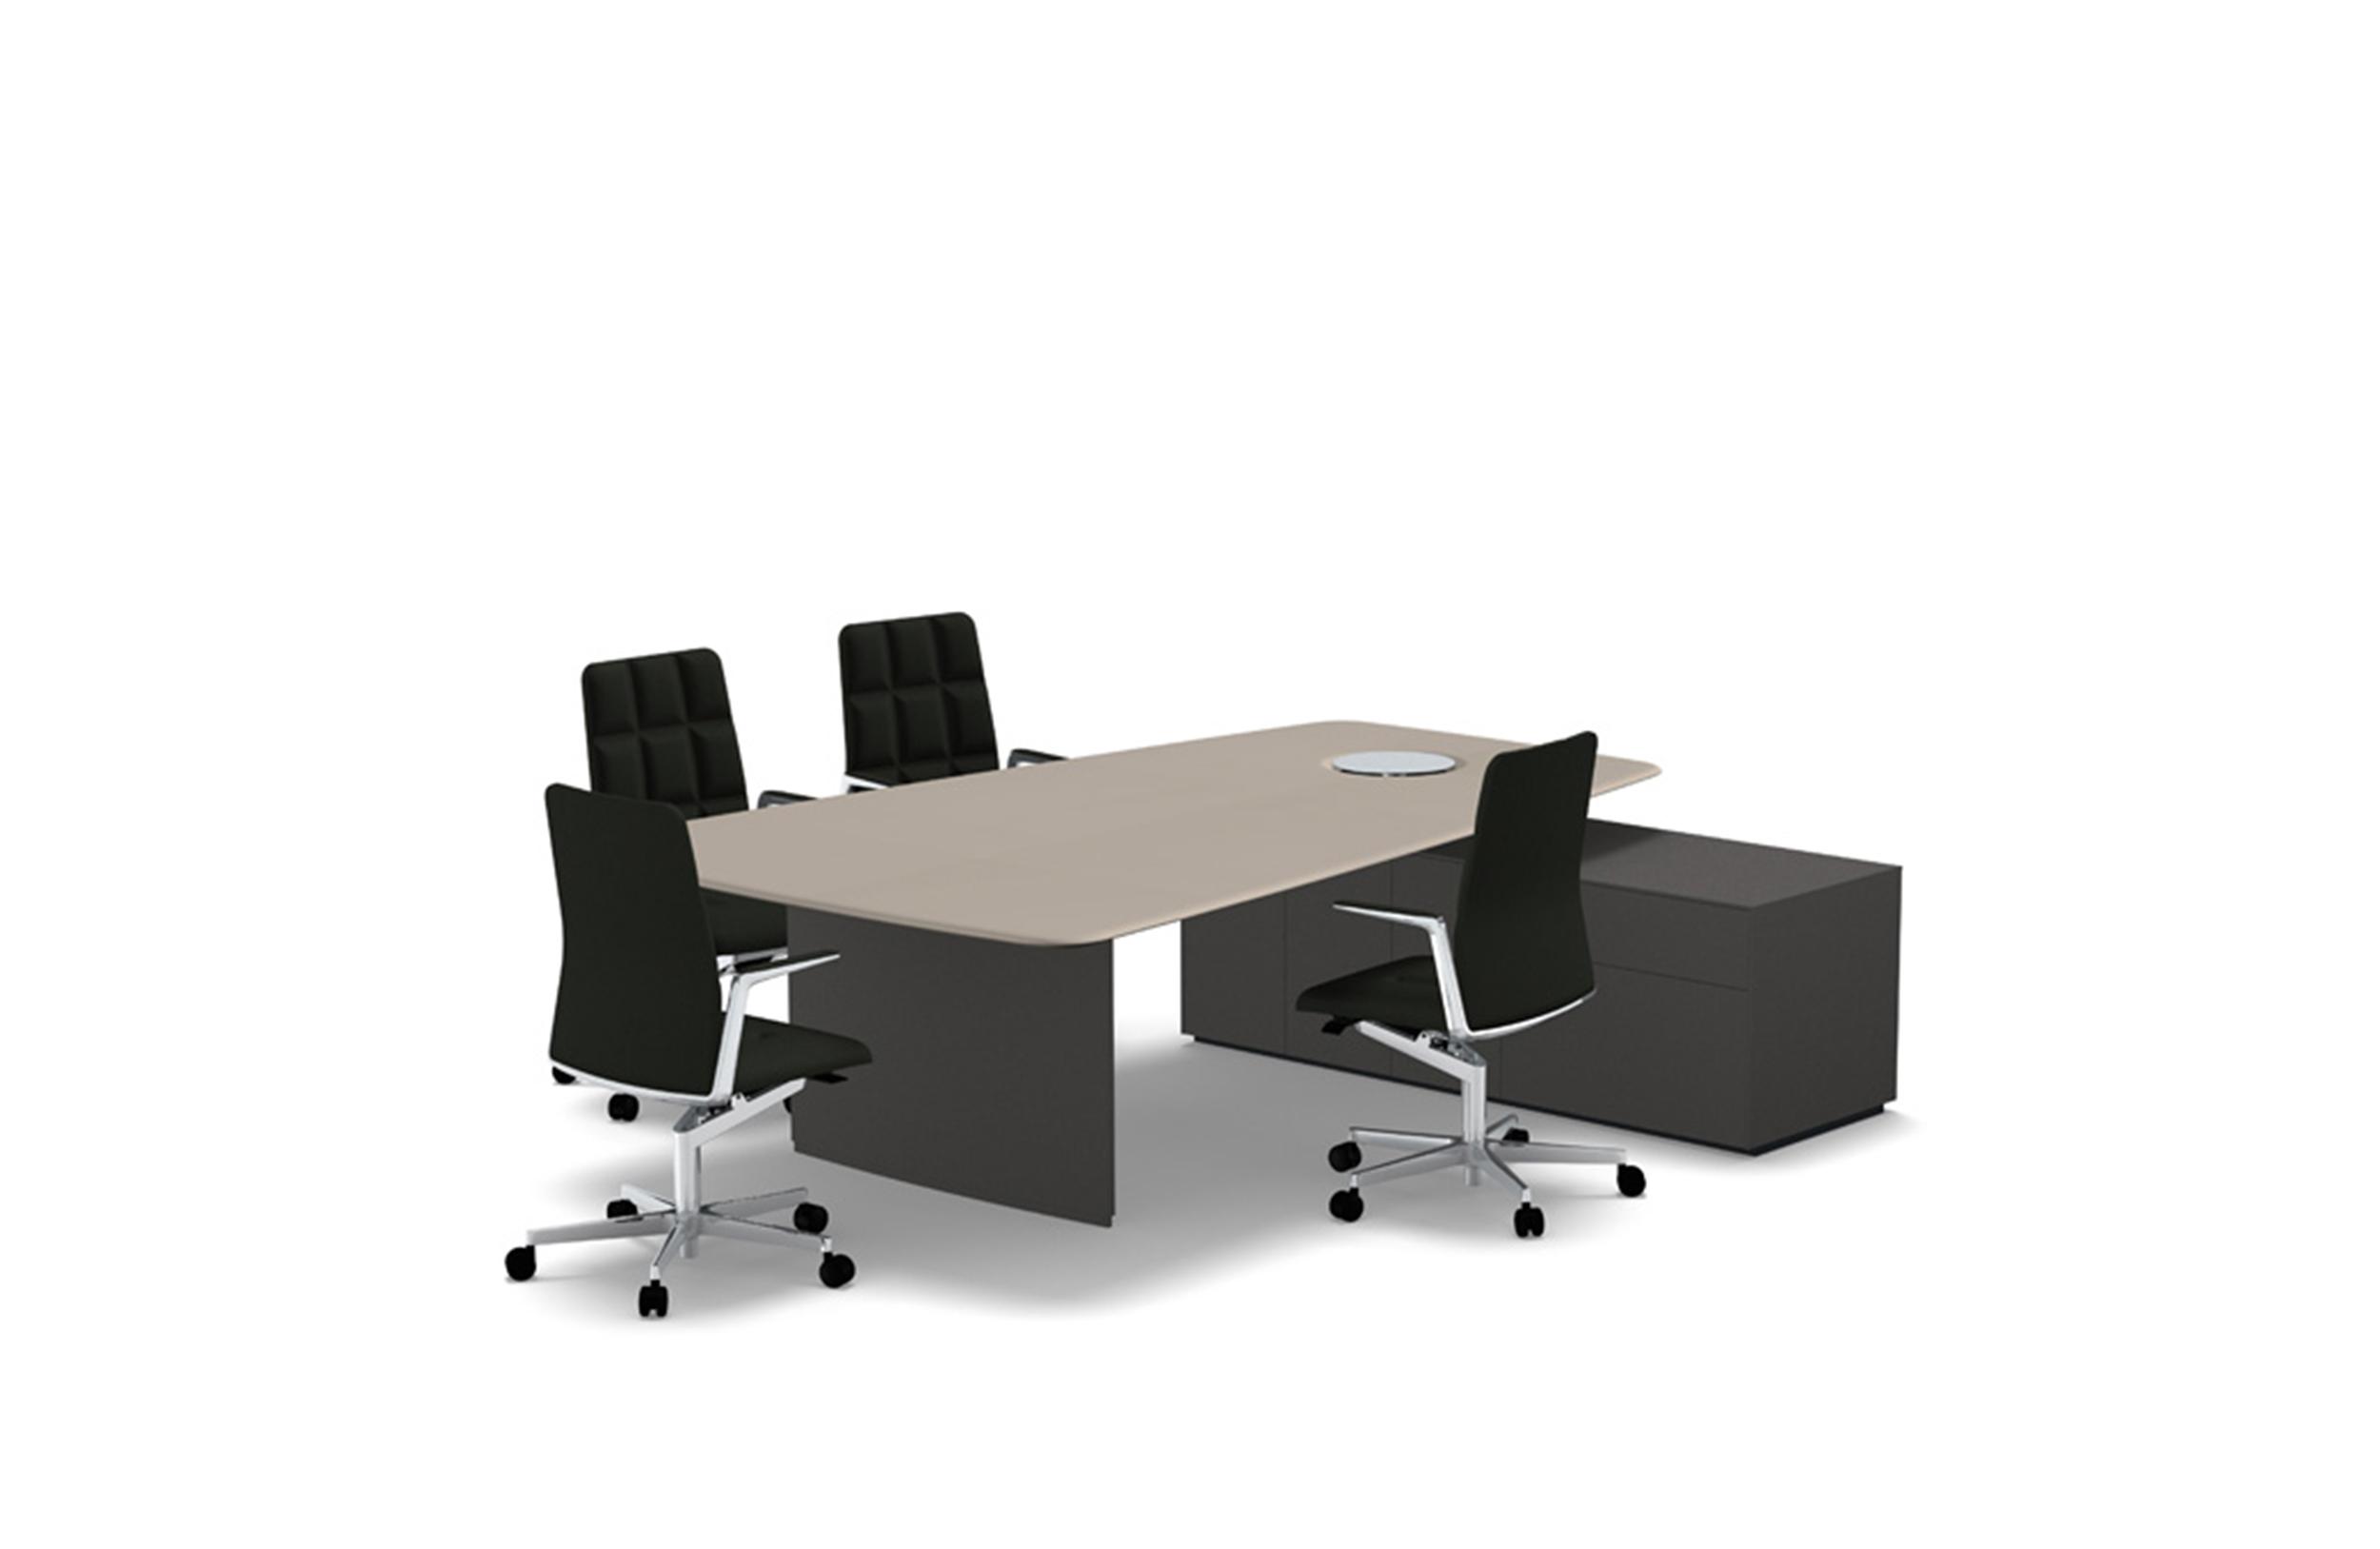 办公台|行政总裁|创意家具|现代家居|时尚家具|设计师家具|KEYPIECE COMMUNICATION DESK.大班台